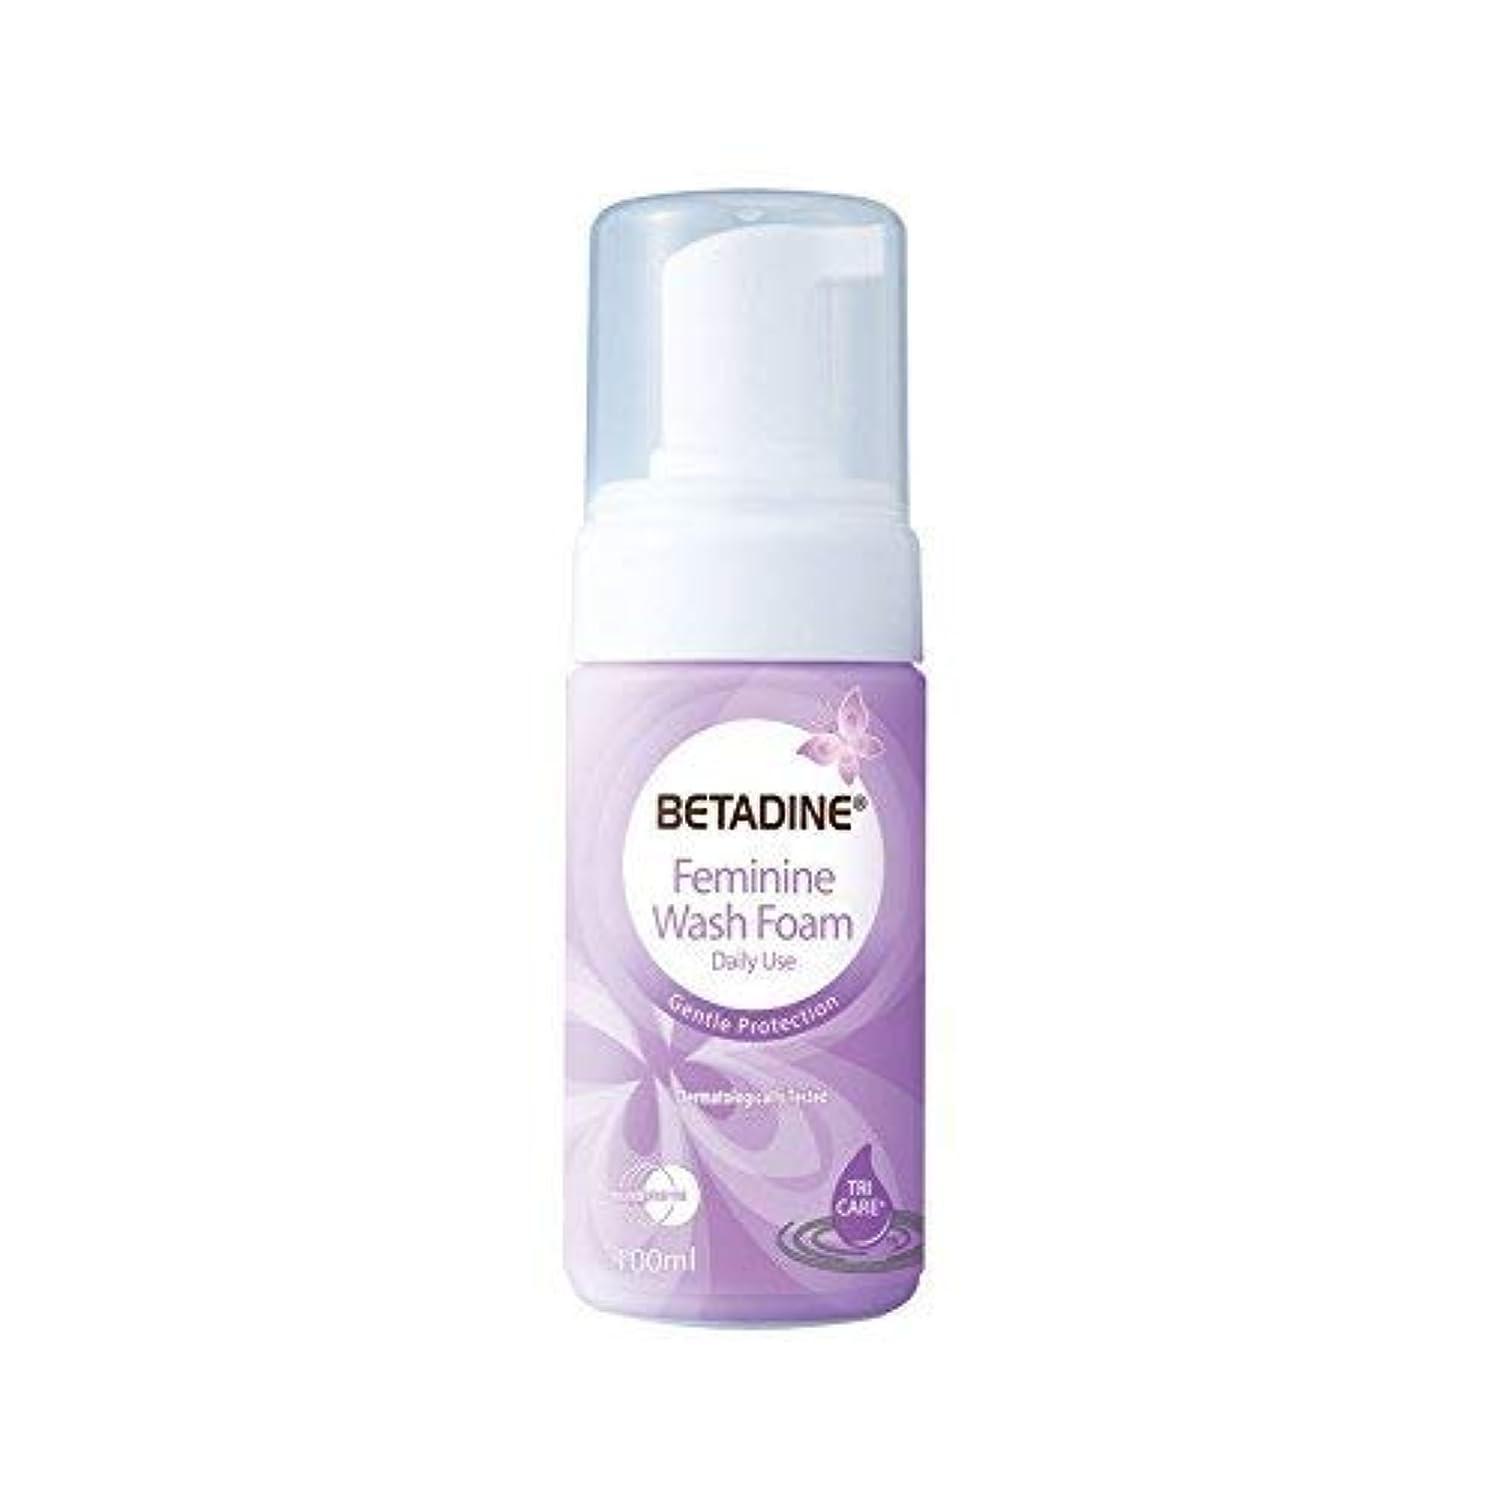 ポルノ近似私たちBetadine Mの女性は、細菌の泡ポンプ100ml無愛想百ミリリットル、カビを除去するために洗浄しました